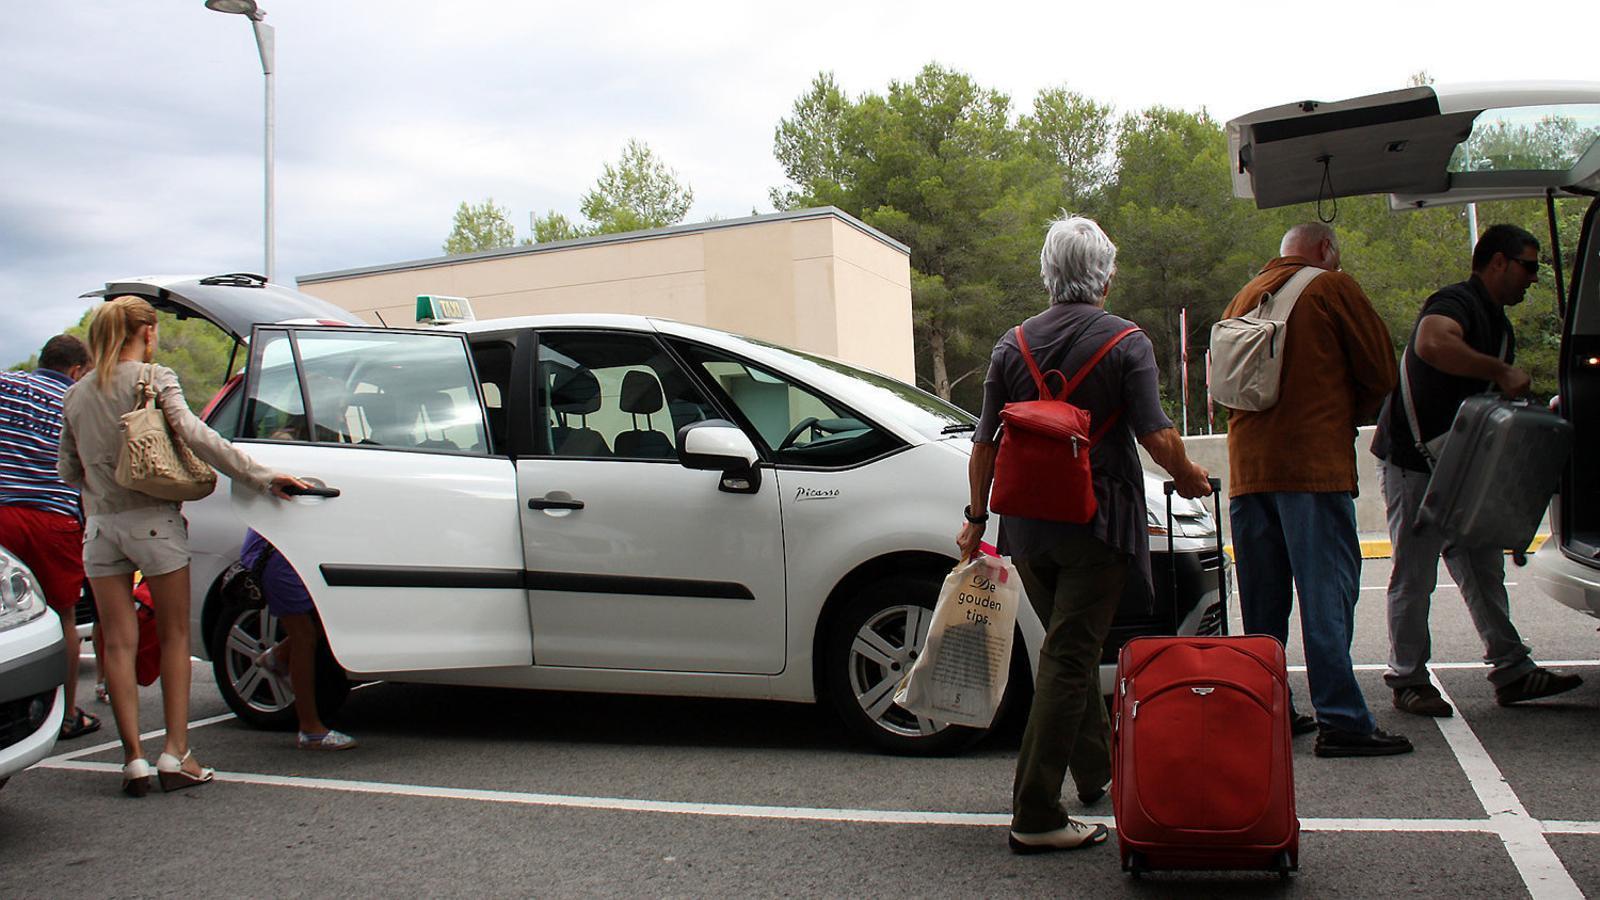 Passatgers de l'estació de l'AVE del Camp de Tarragona agafant  un taxi.